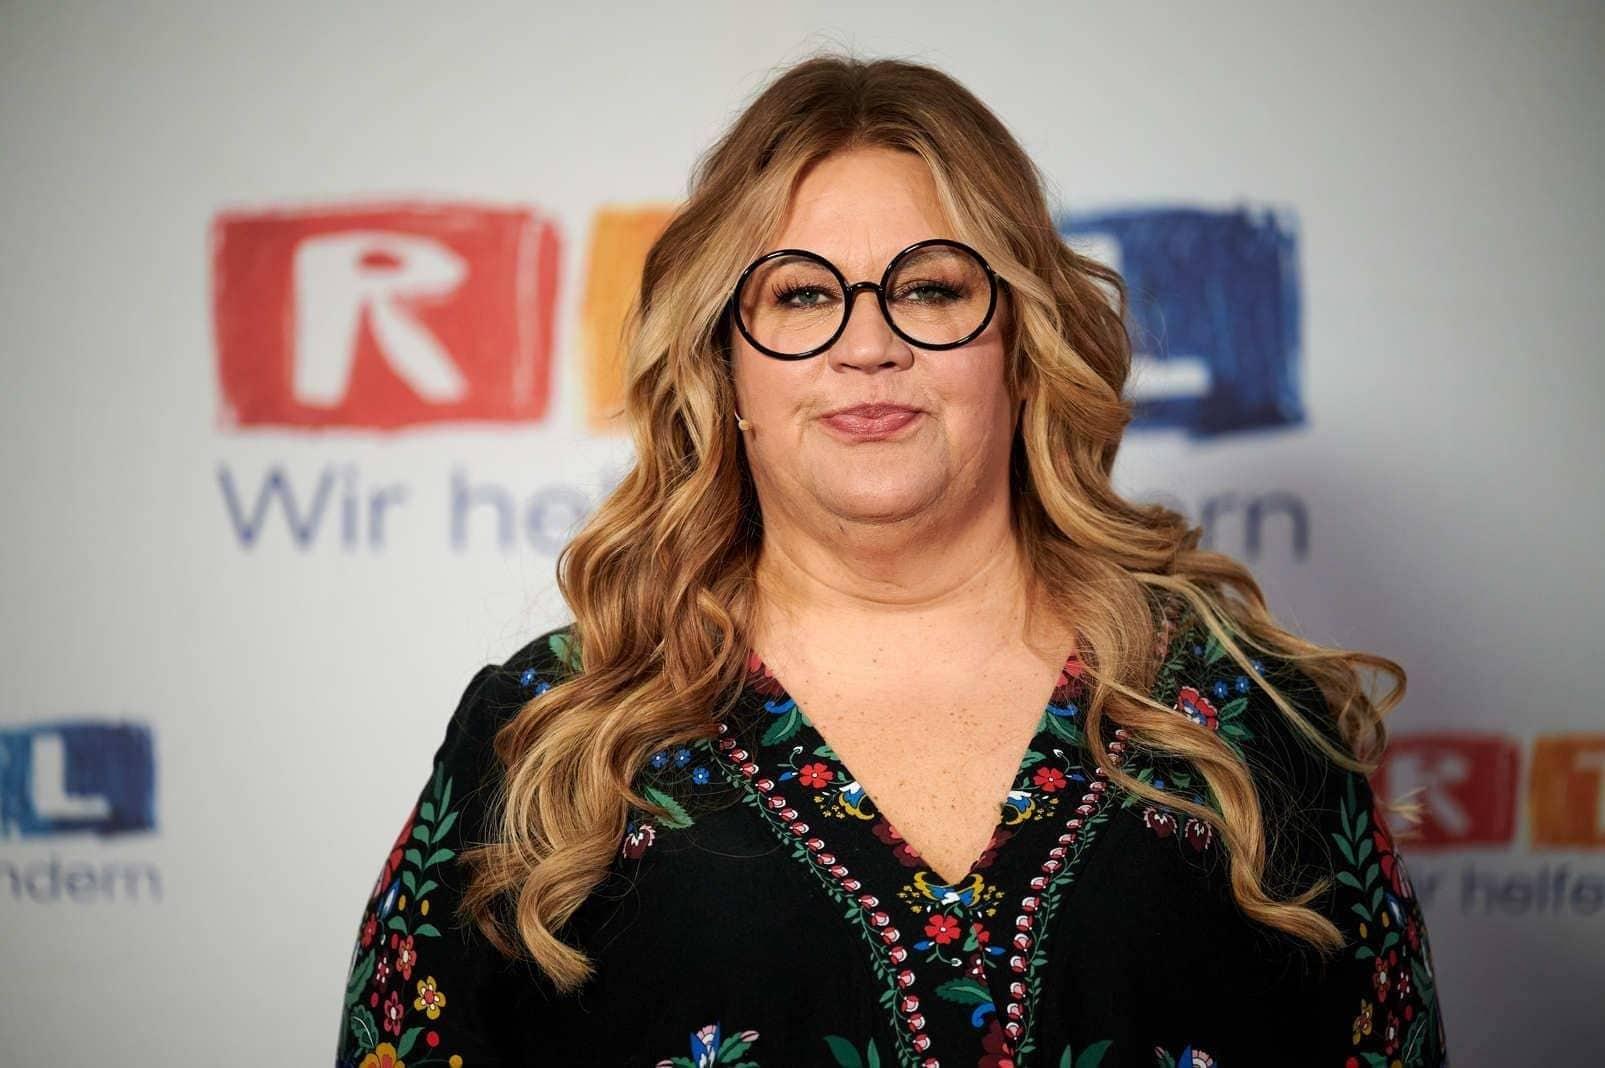 Cindy aus Marzahn alias Ilka Bessin